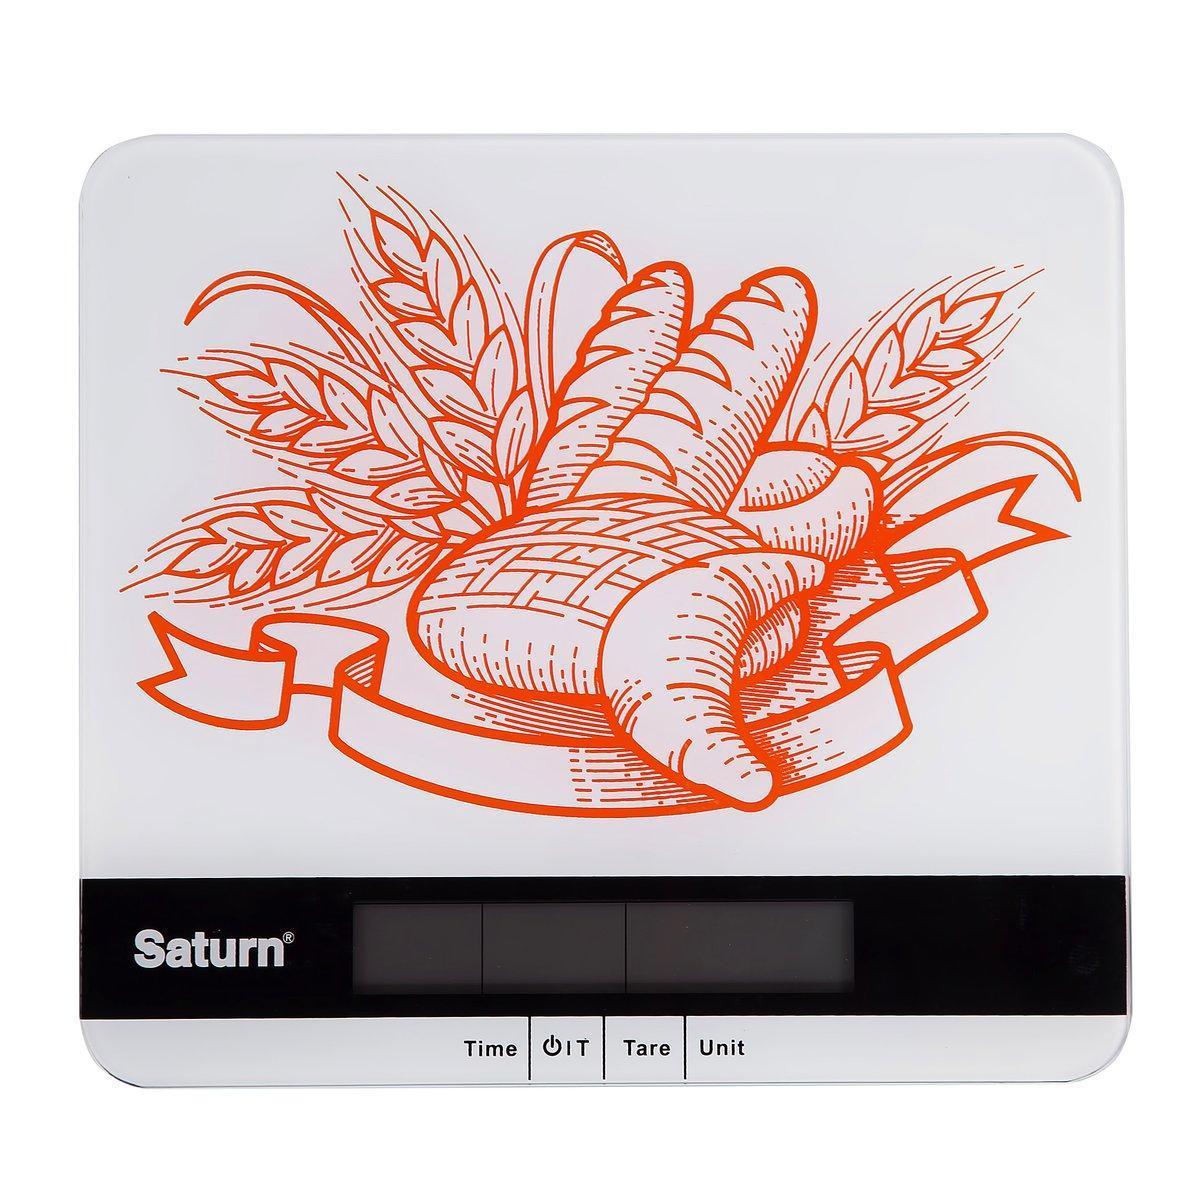 Весы кухонные ультратонкие Saturn ST-KS7807, Допустимый вес: 5 кг, Точность: 1 г, Часы, Таймер, Термометр, Зам